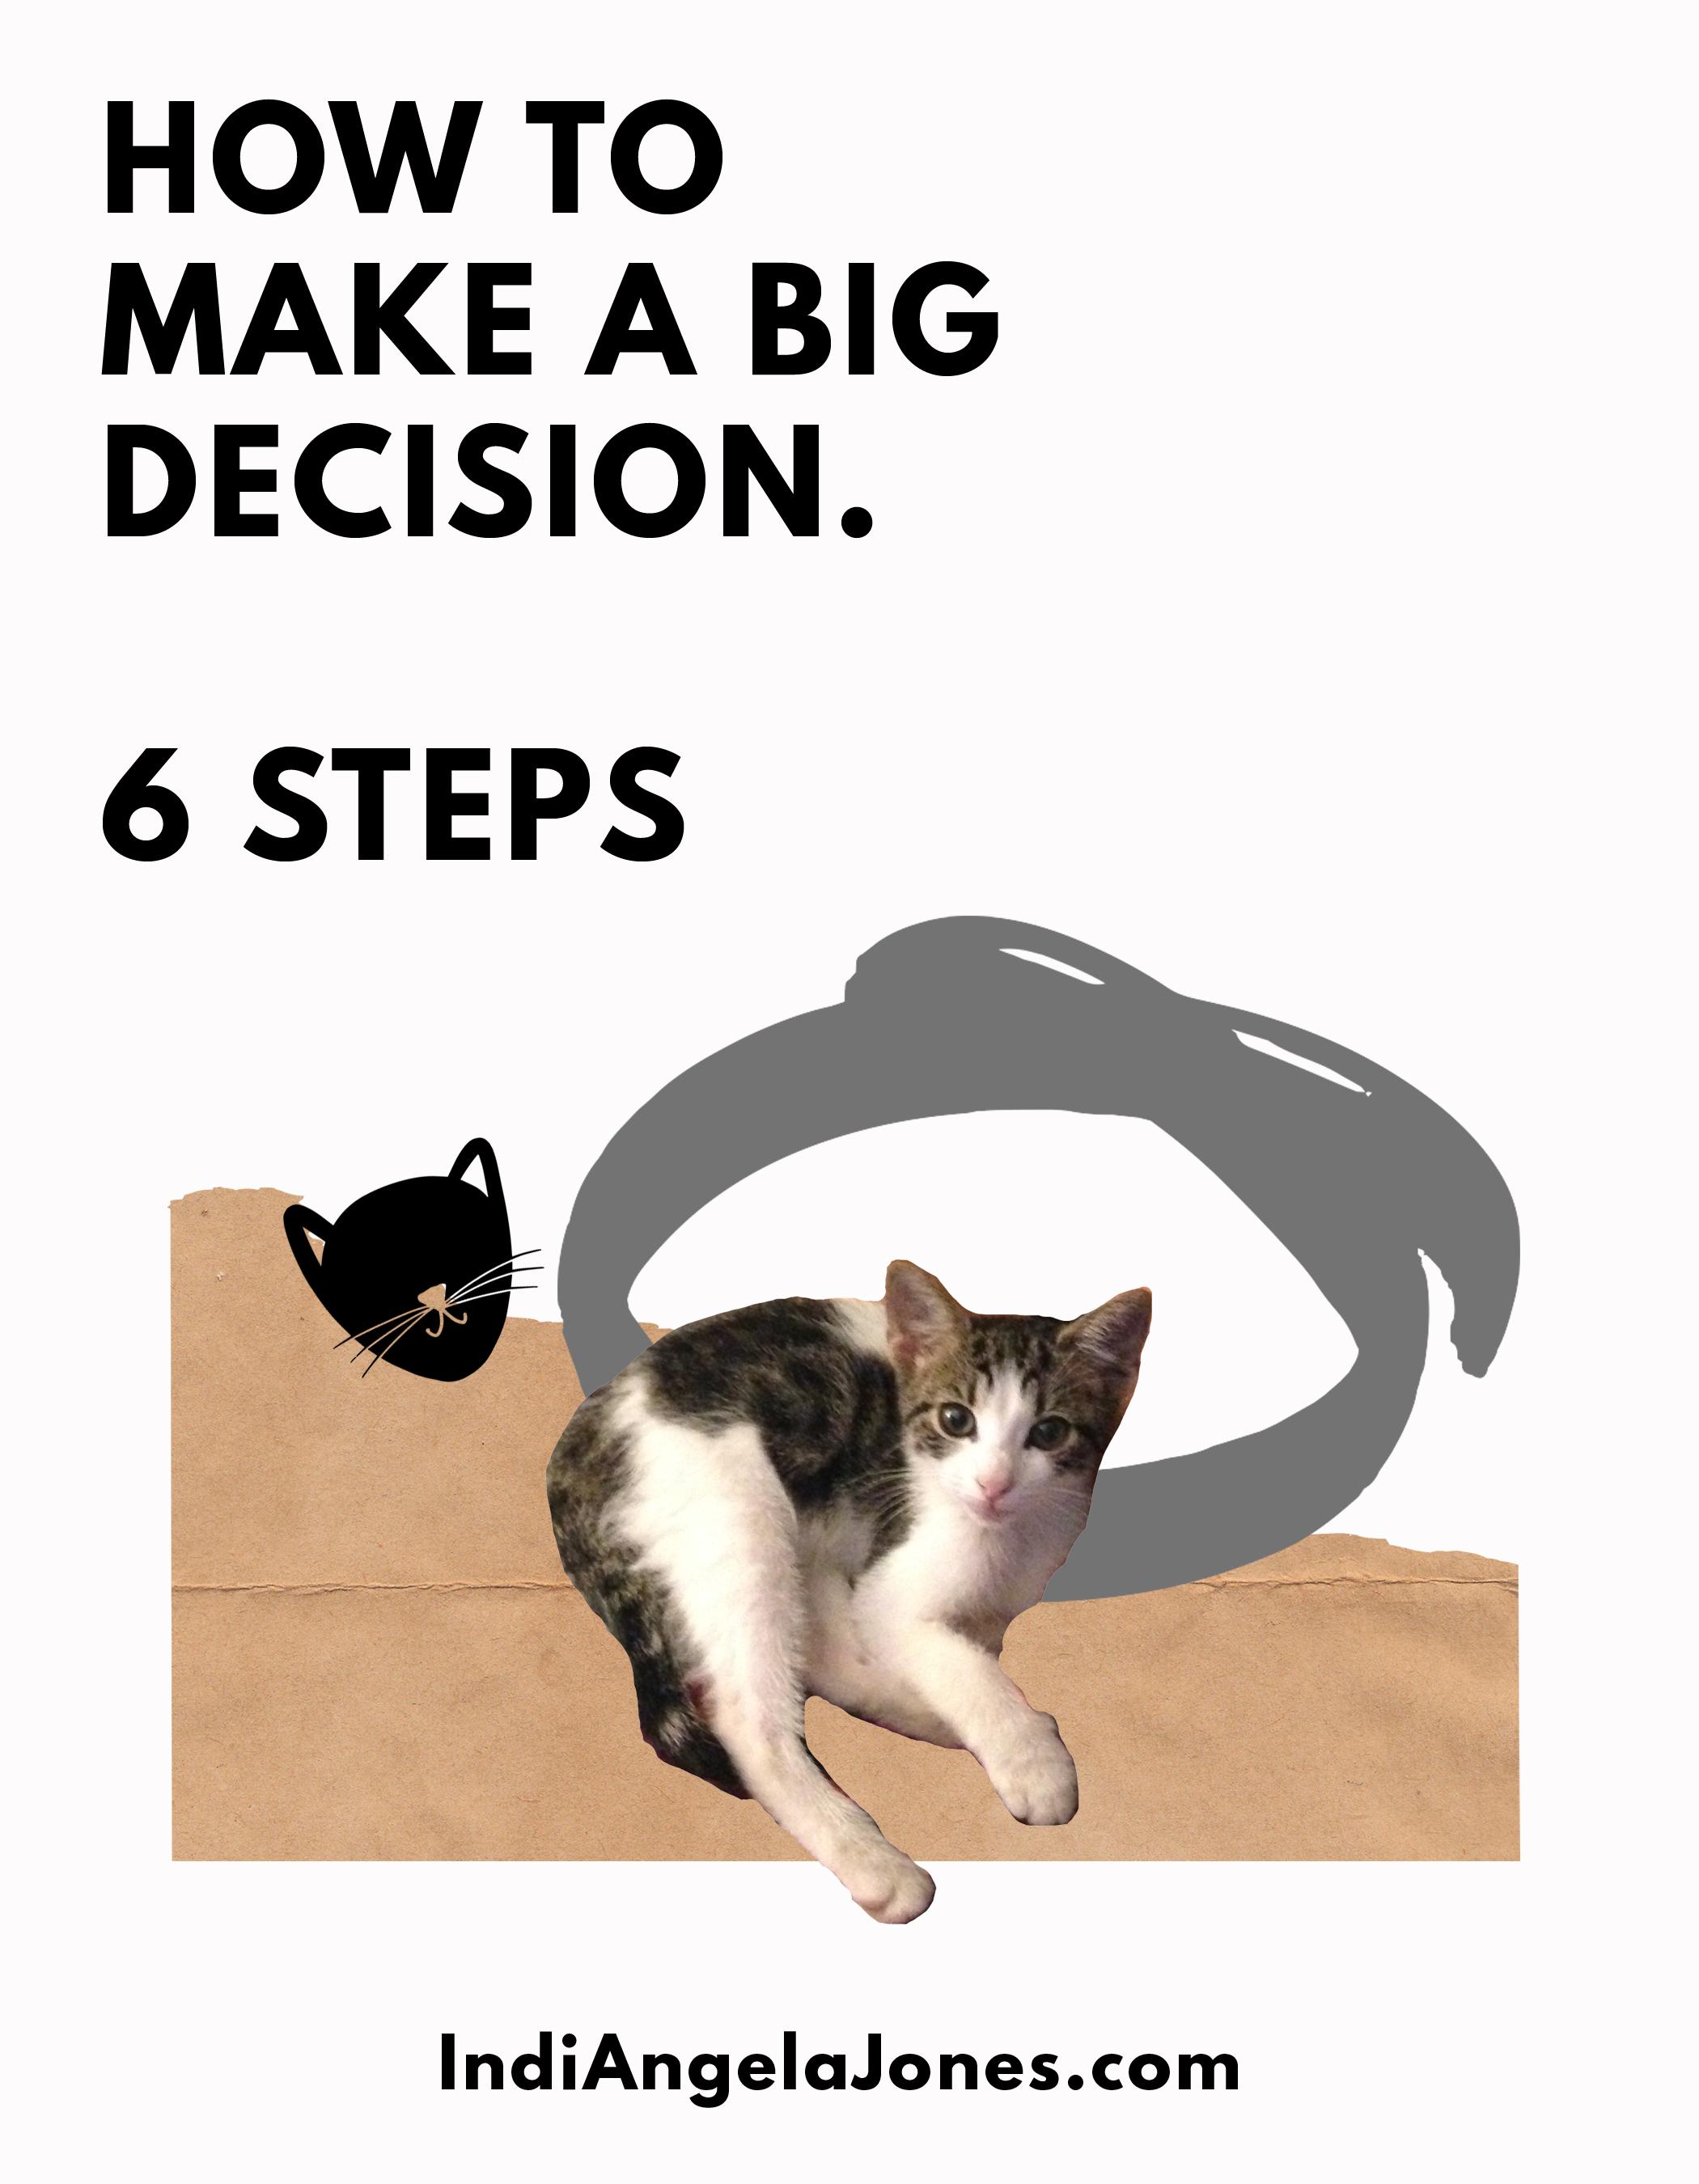 How to make a big decision.